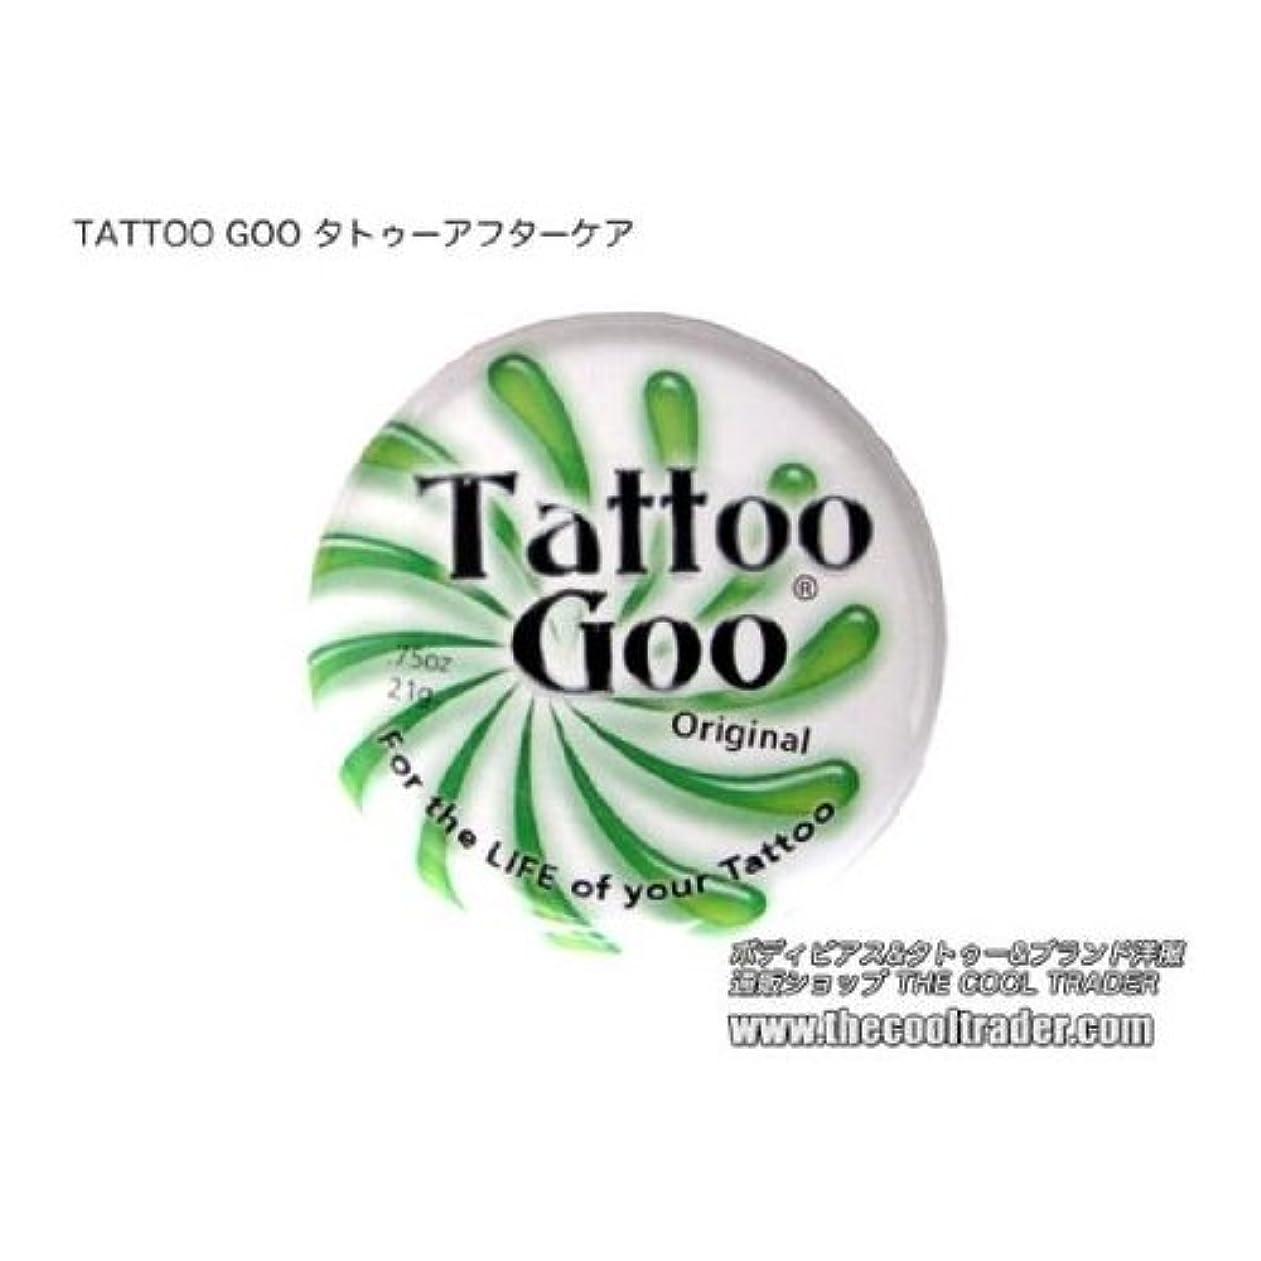 テンポ再開慰めTATTOO GOO タトゥー&ボディピアス専用アフターケア 軟膏クリーム オリジナル